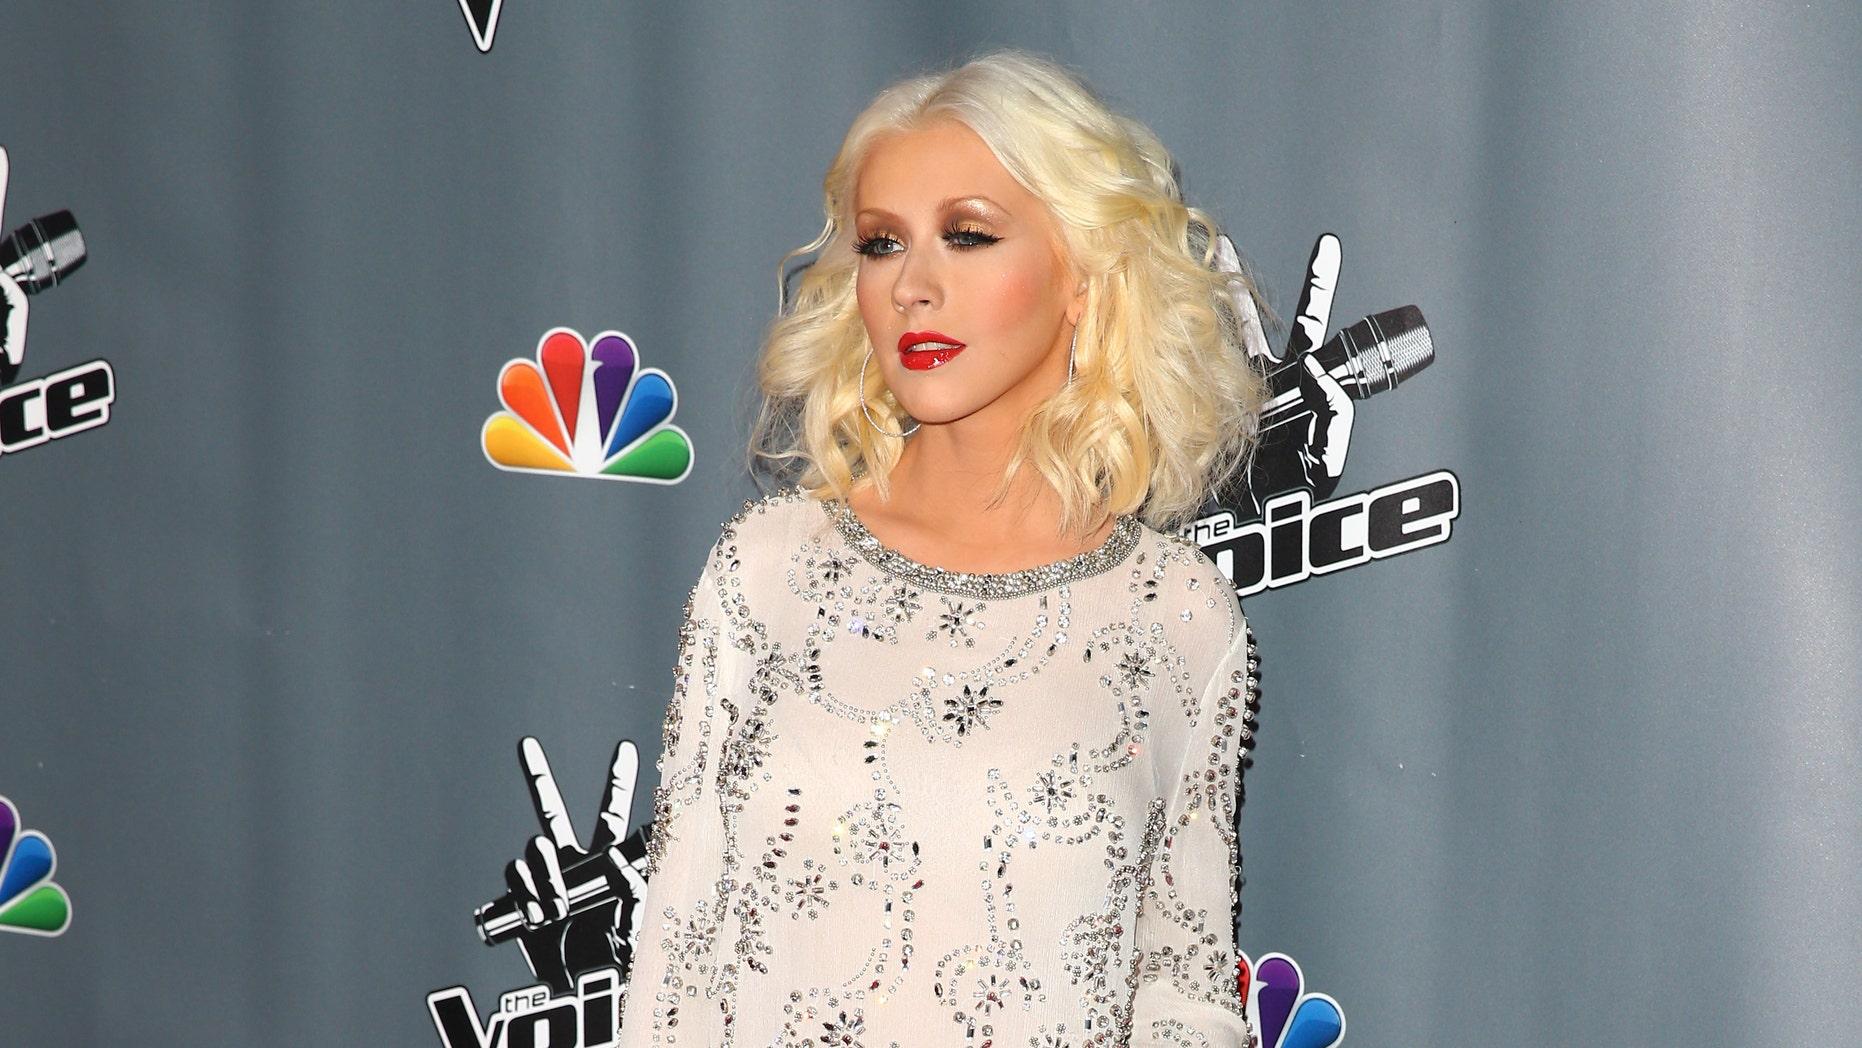 Christina Aguilera in a 2013 file photo.